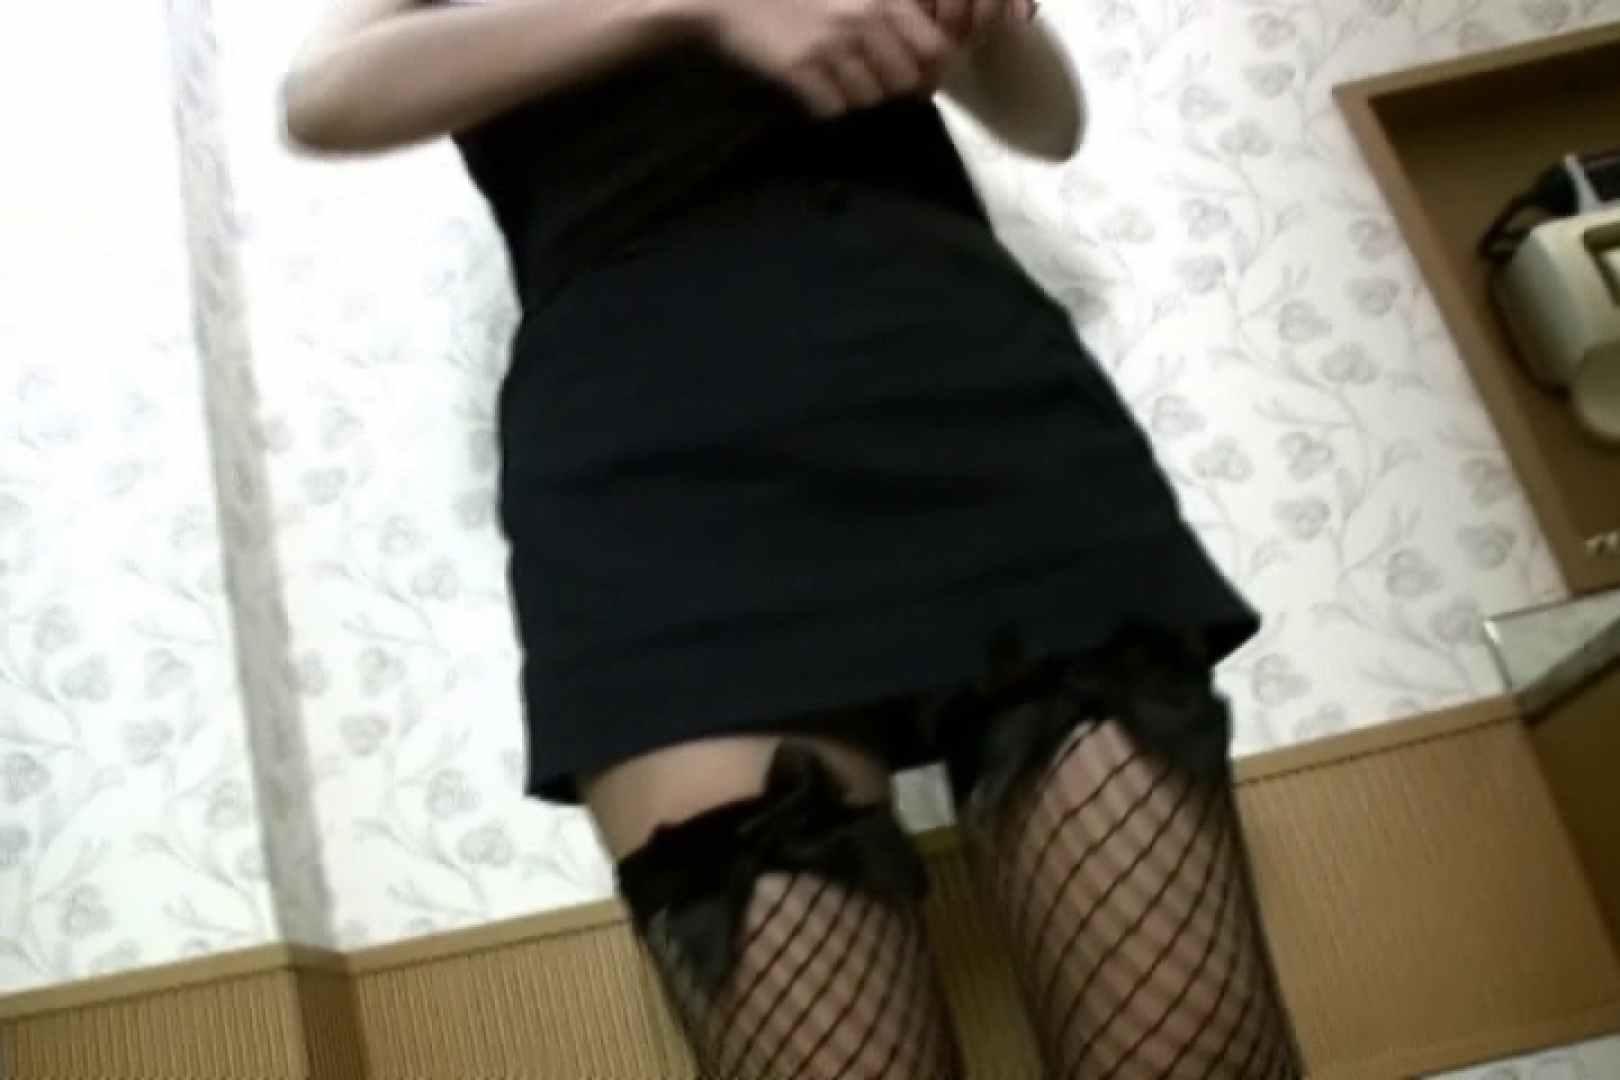 素人ナンパ本番撮り!出会い系でGET!Vol.14 シャワー中 | 素人達のヌード  58連発 6